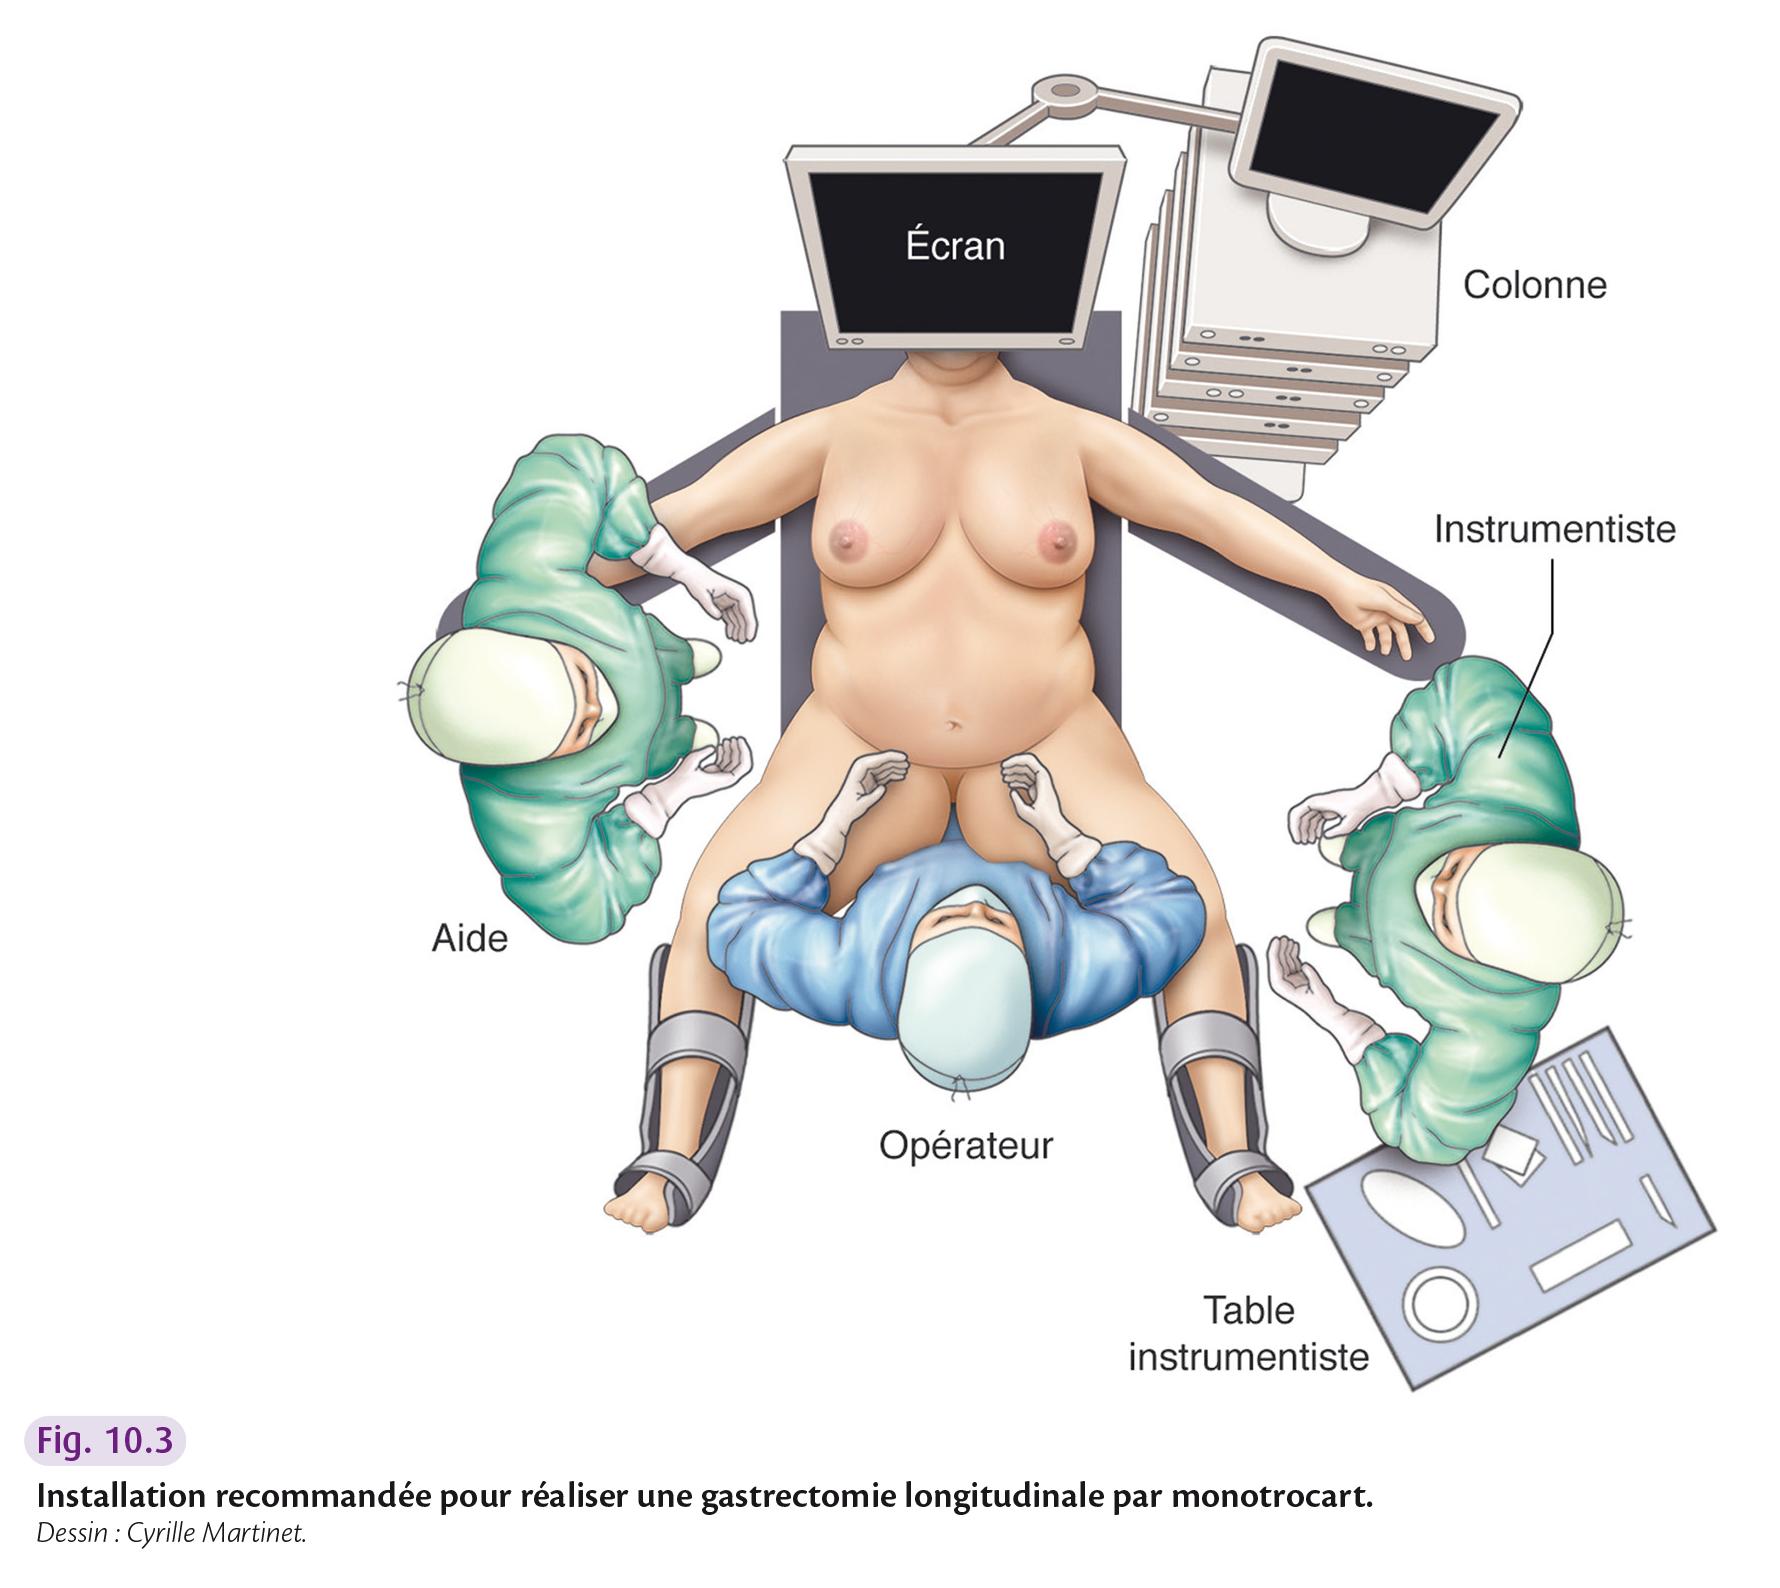 Installation recommandée pour réaliser une gastrectomie longitudinale par monotrocart.